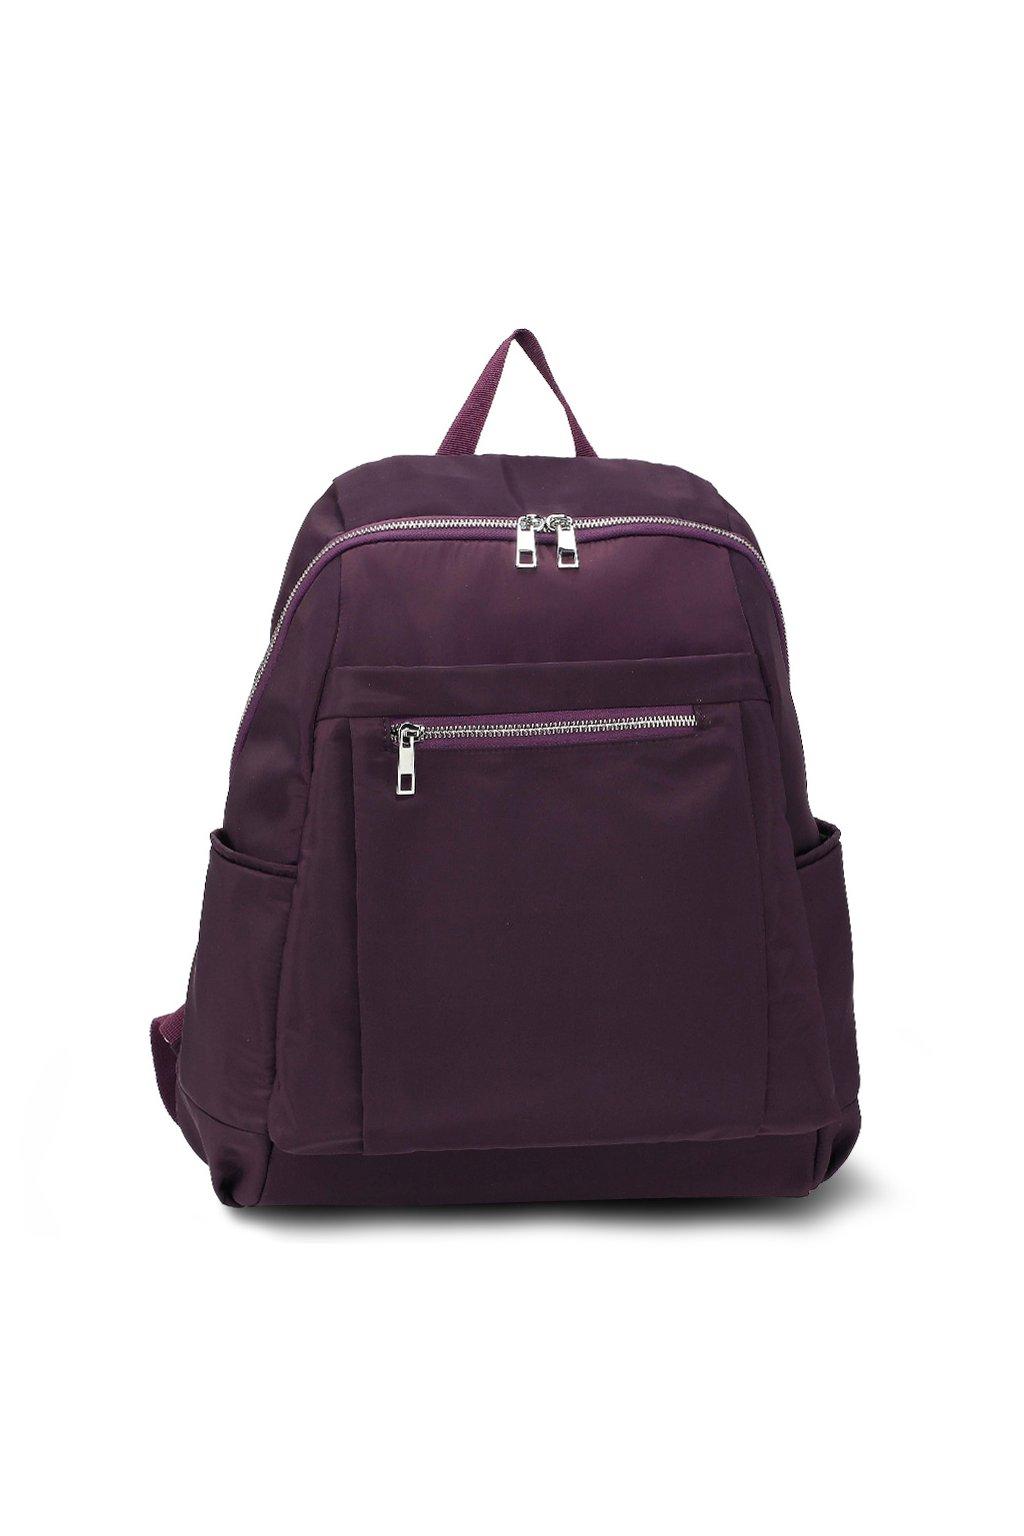 AG00580 Purple 1